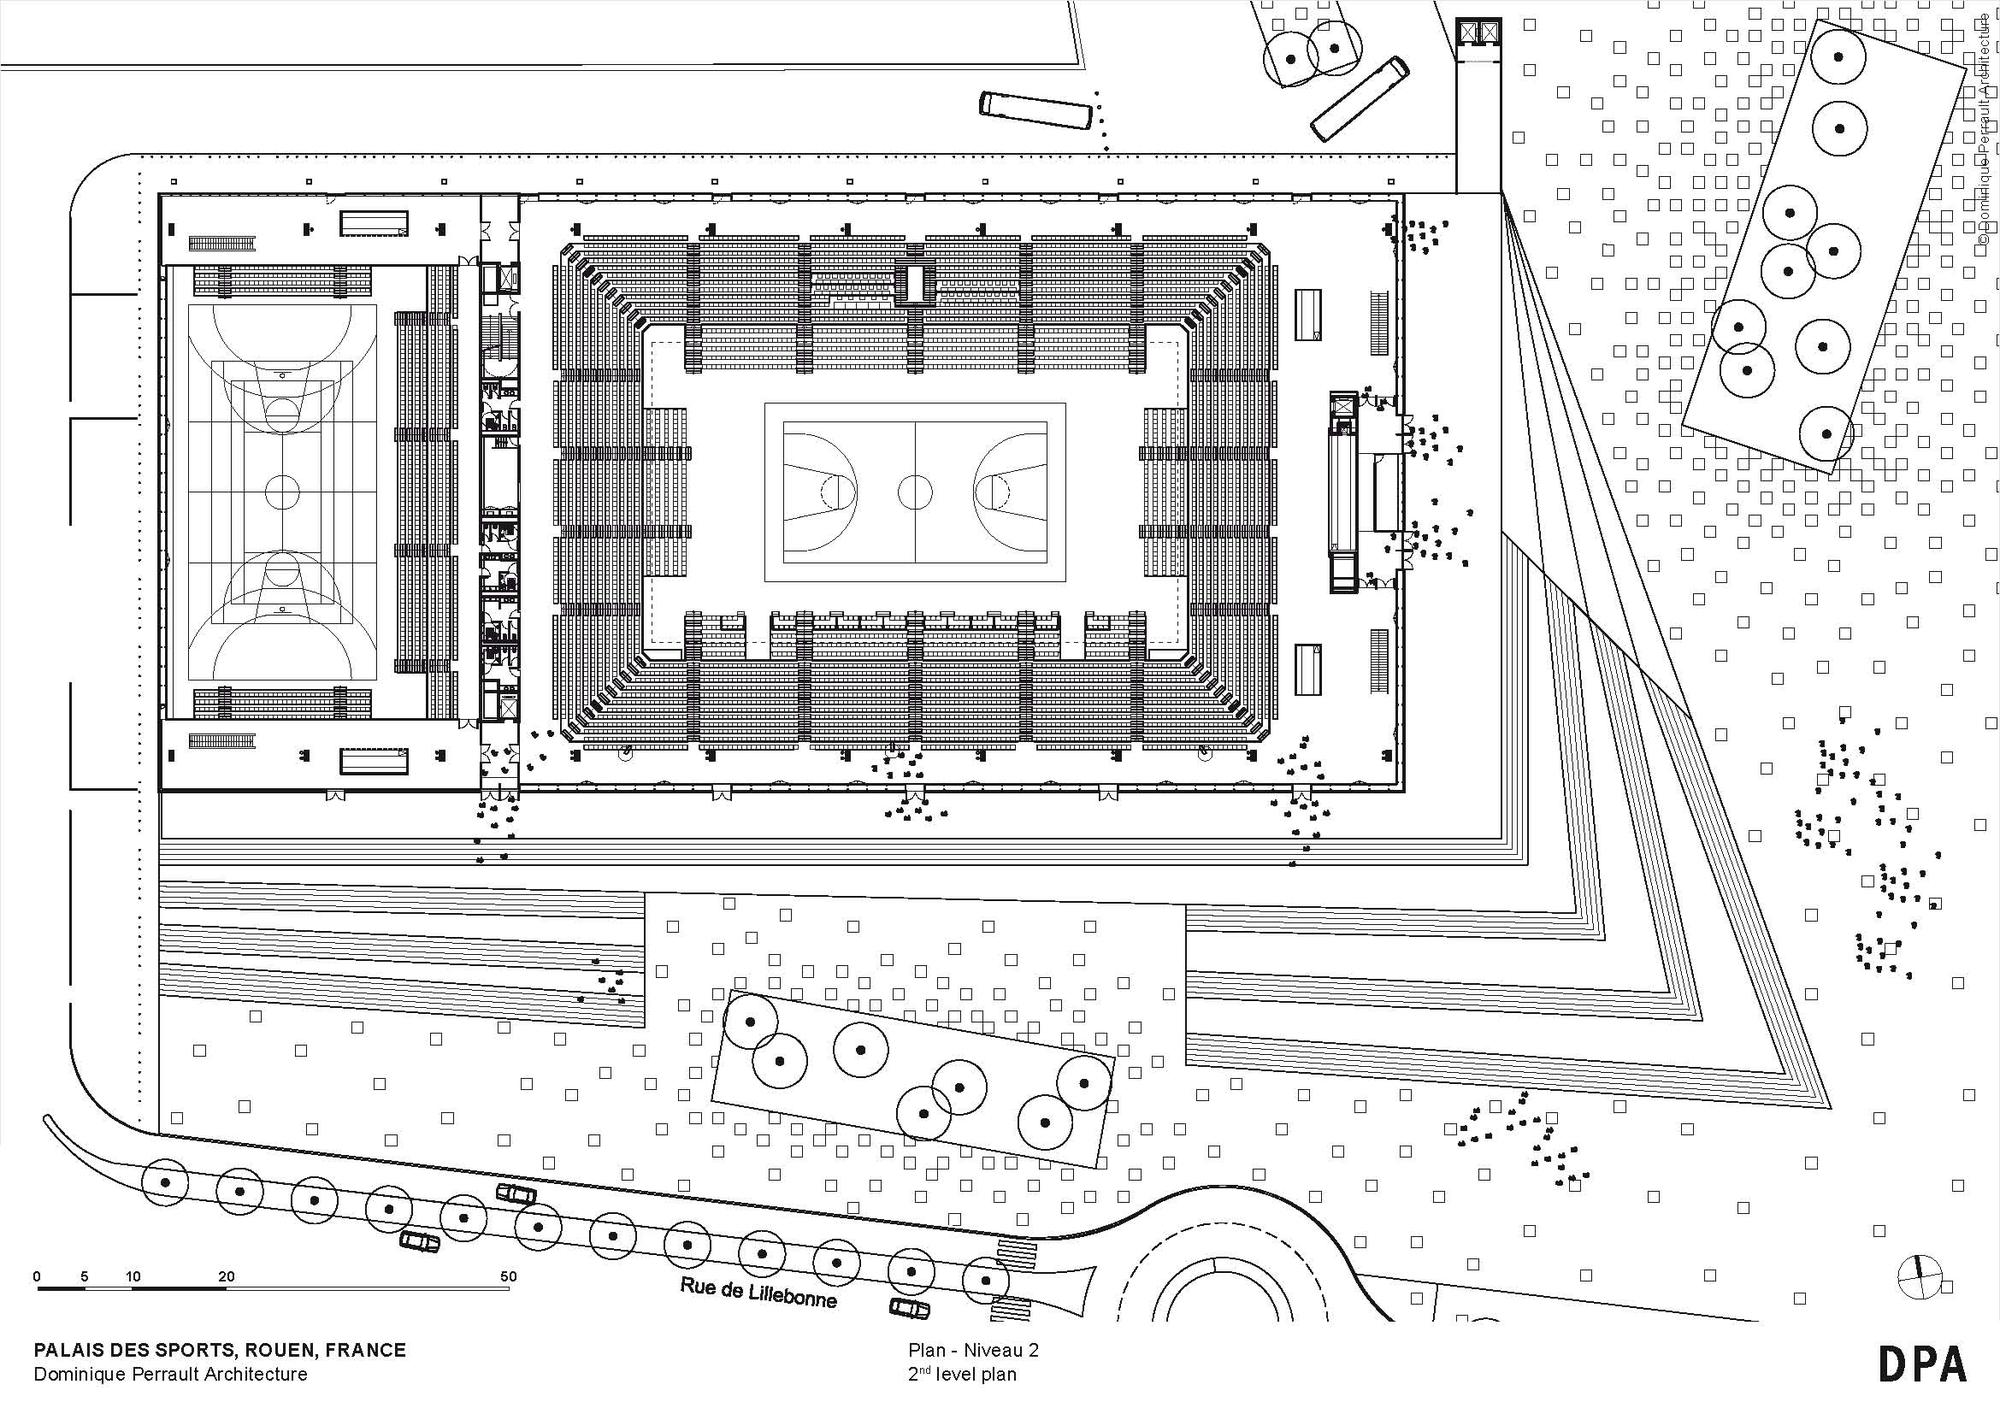 palais des sports de rouen dominique perrault architecture arquibancada pinterest. Black Bedroom Furniture Sets. Home Design Ideas